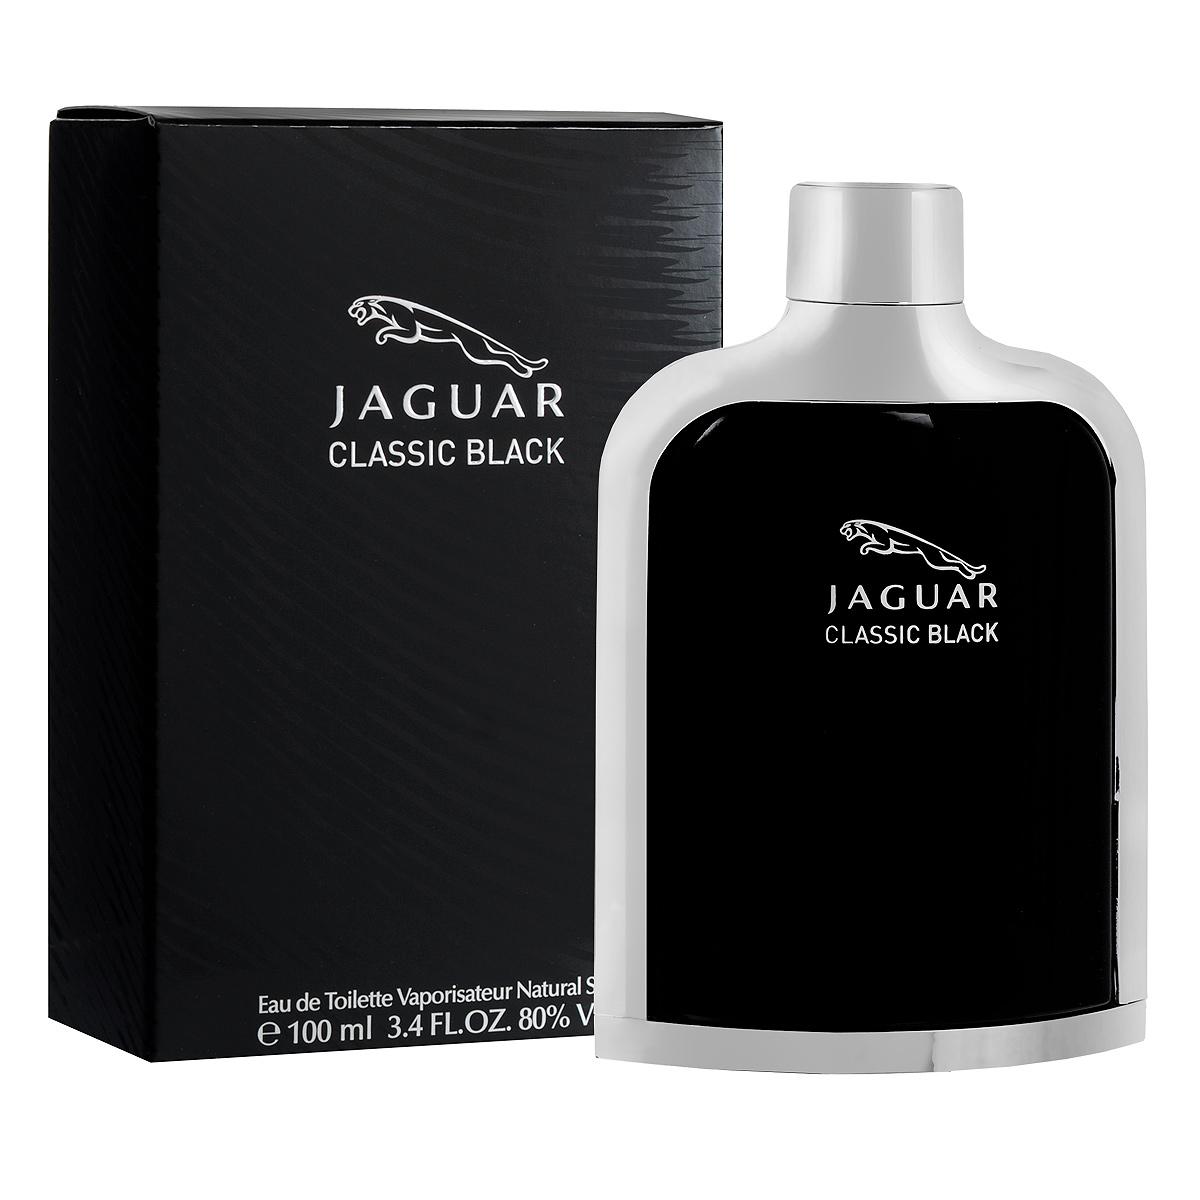 Jaguar Туалетная вода Classic Black, мужская, 100 мл1301210Туалетная вода Classic Black от Jaguar - изысканный роскошный аромат из коллекции Classic.Скорость и сдержанность, чувственность и сексуальность привлекают и интересуют настоящих мужчин, пользующихся успехом как у женщин, так и в кругу друзей, коллег и деловых партнеров. Классификация аромата: восточно-фужерный.Пирамида аромата:Верхние ноты: горький апельсин, мандарин, зеленое яблоко.Ноты сердца: герань, кардамон, чай, морская вода, мускатный орех.Ноты шлейфа:ветивер, сандаловое дерево, дубовый мох, кедр, тонка бобы, белый мускус.Ключевые слова Динамичный, экспрессивный!